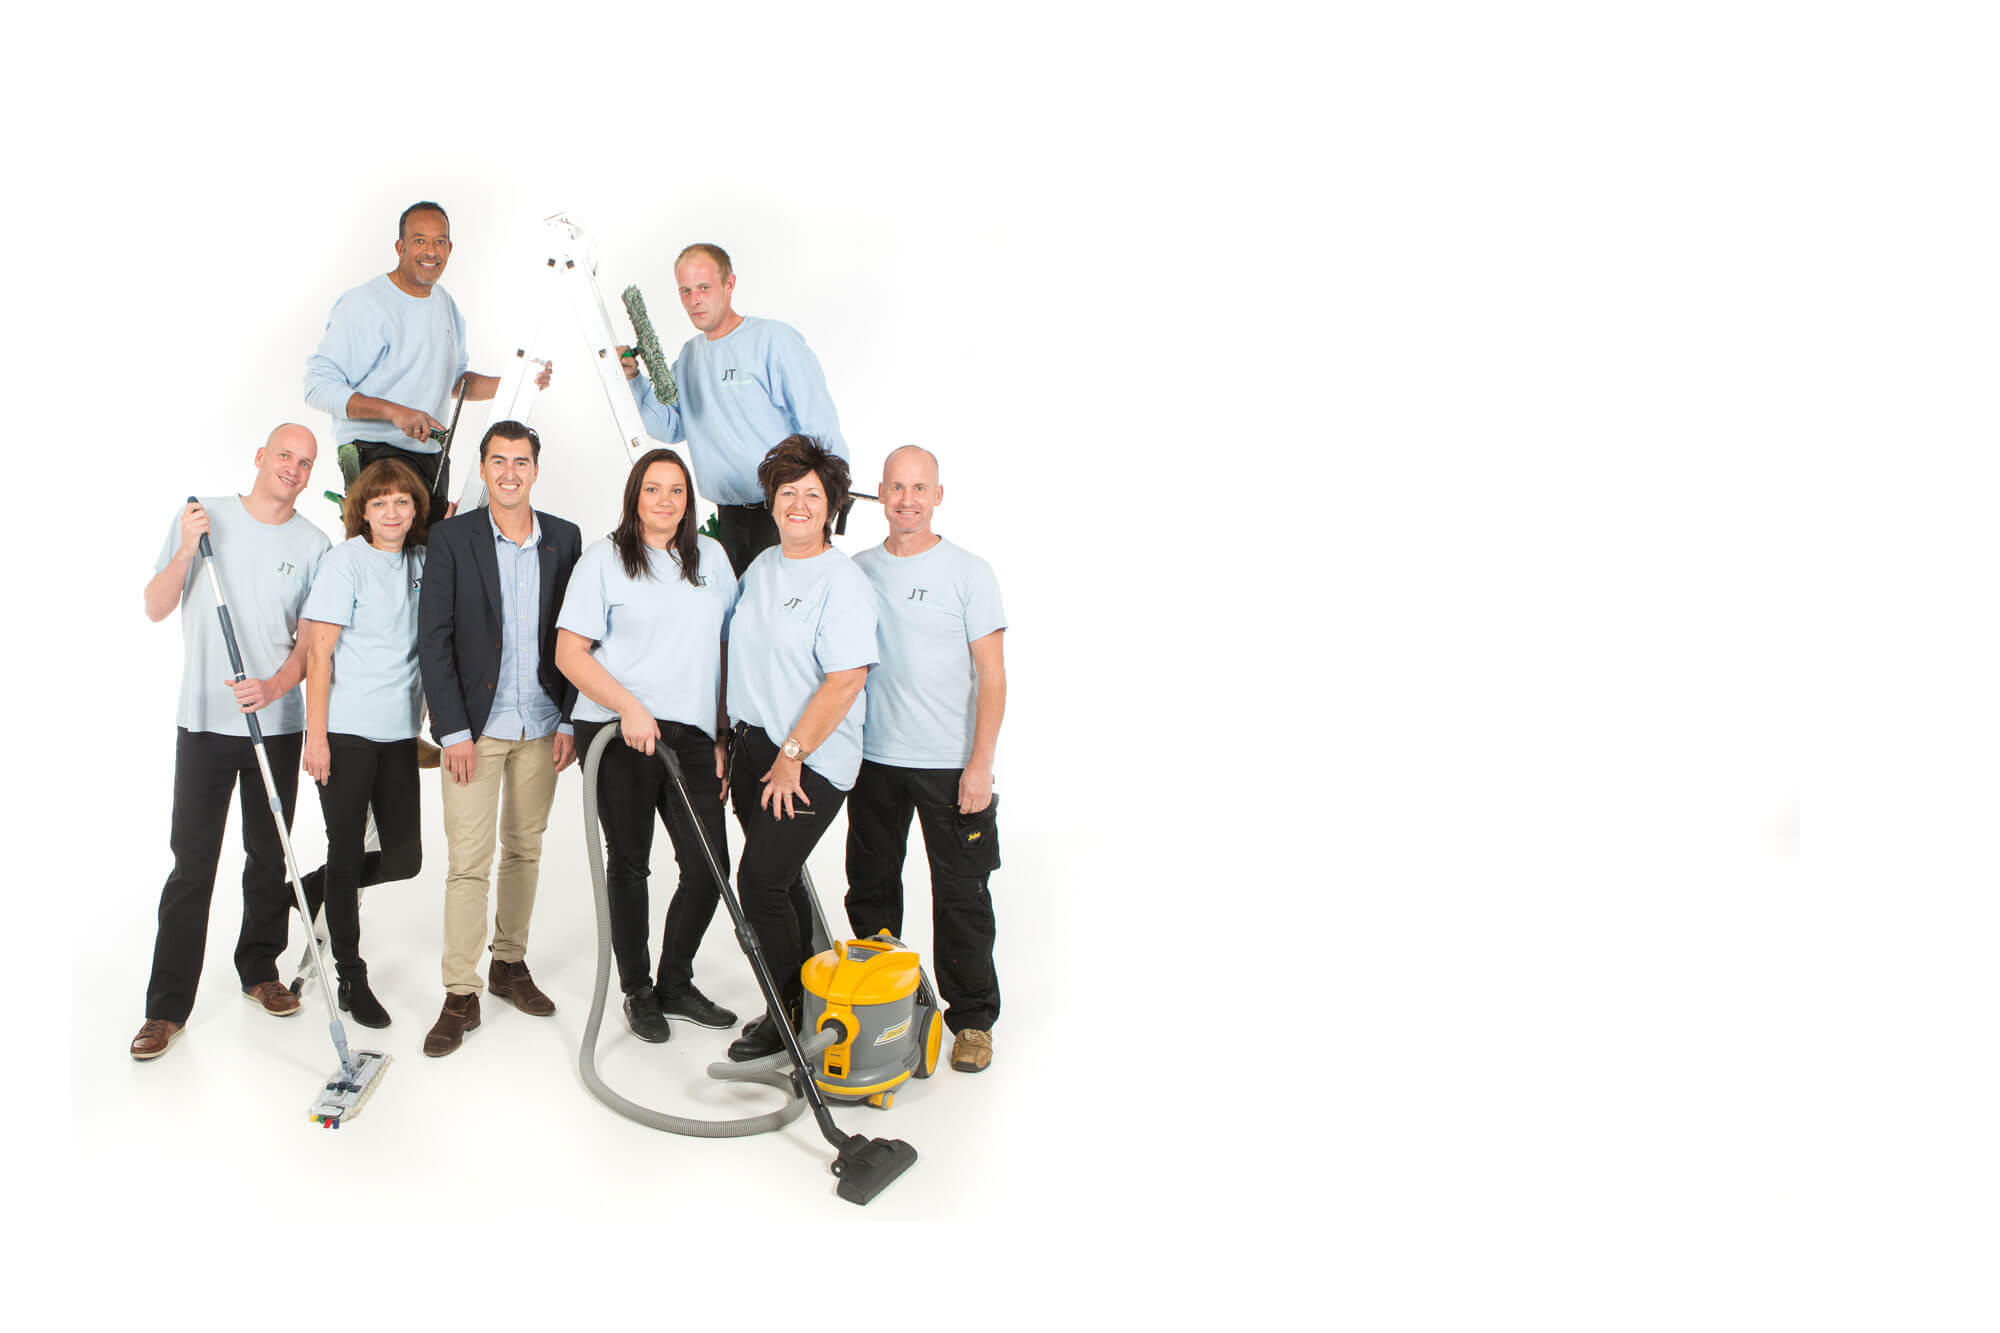 Ons schoonmaak en glazenwasser team ut Veenendaal